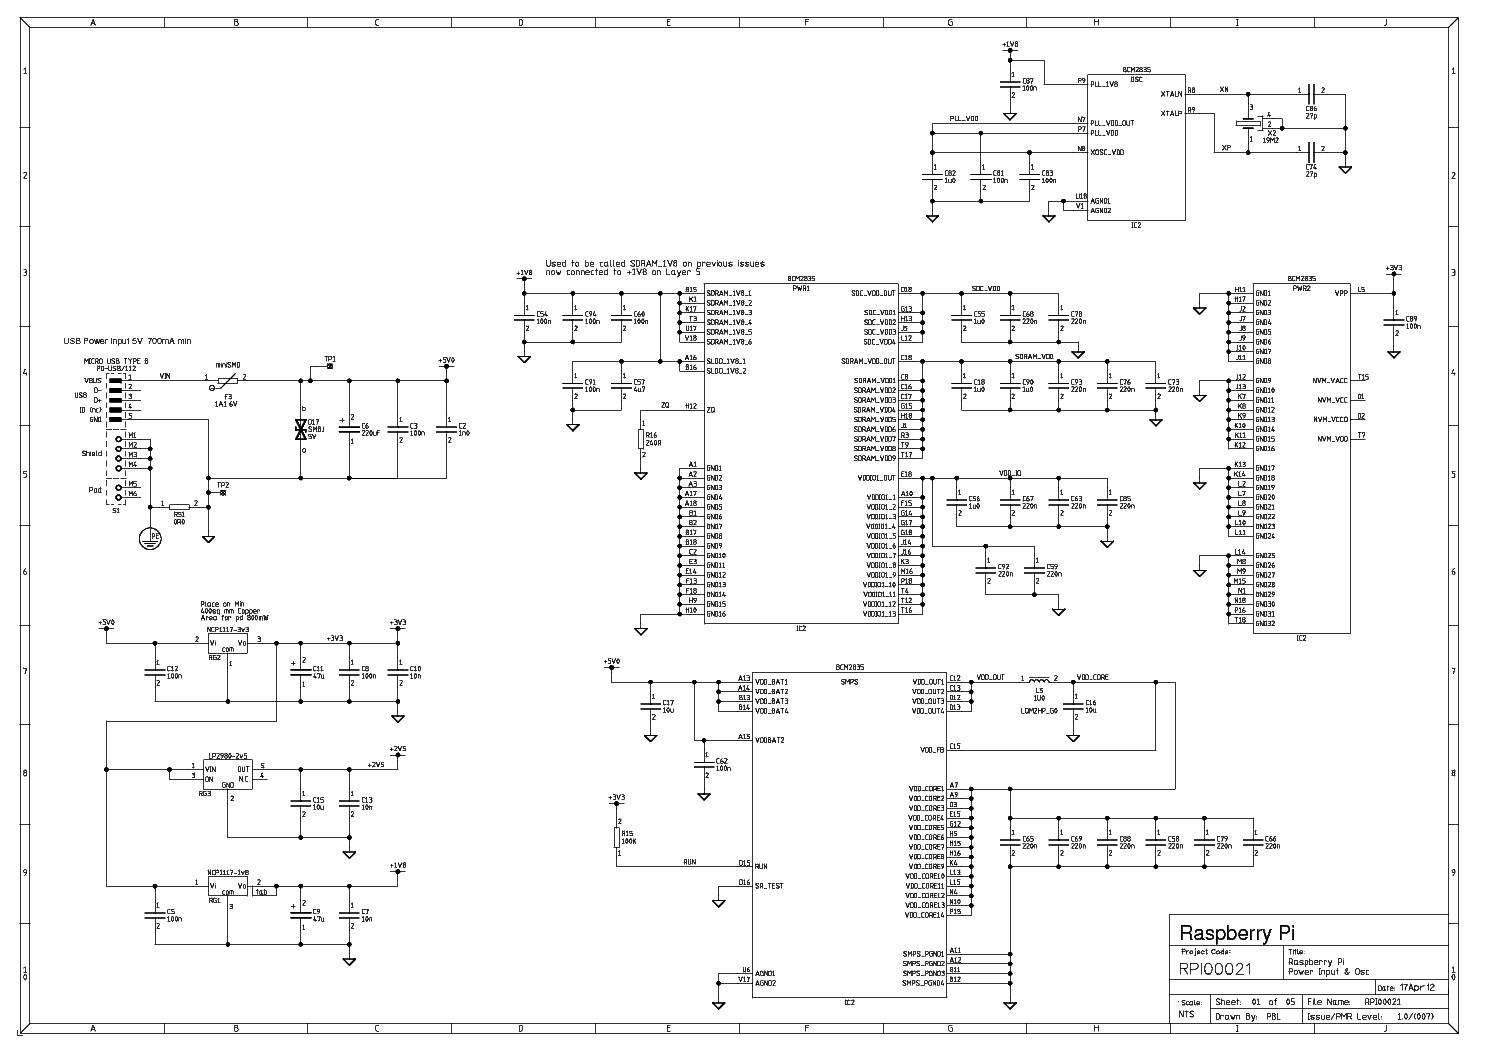 RASPBERRY PI SCH Service Manual download, schematics, eeprom